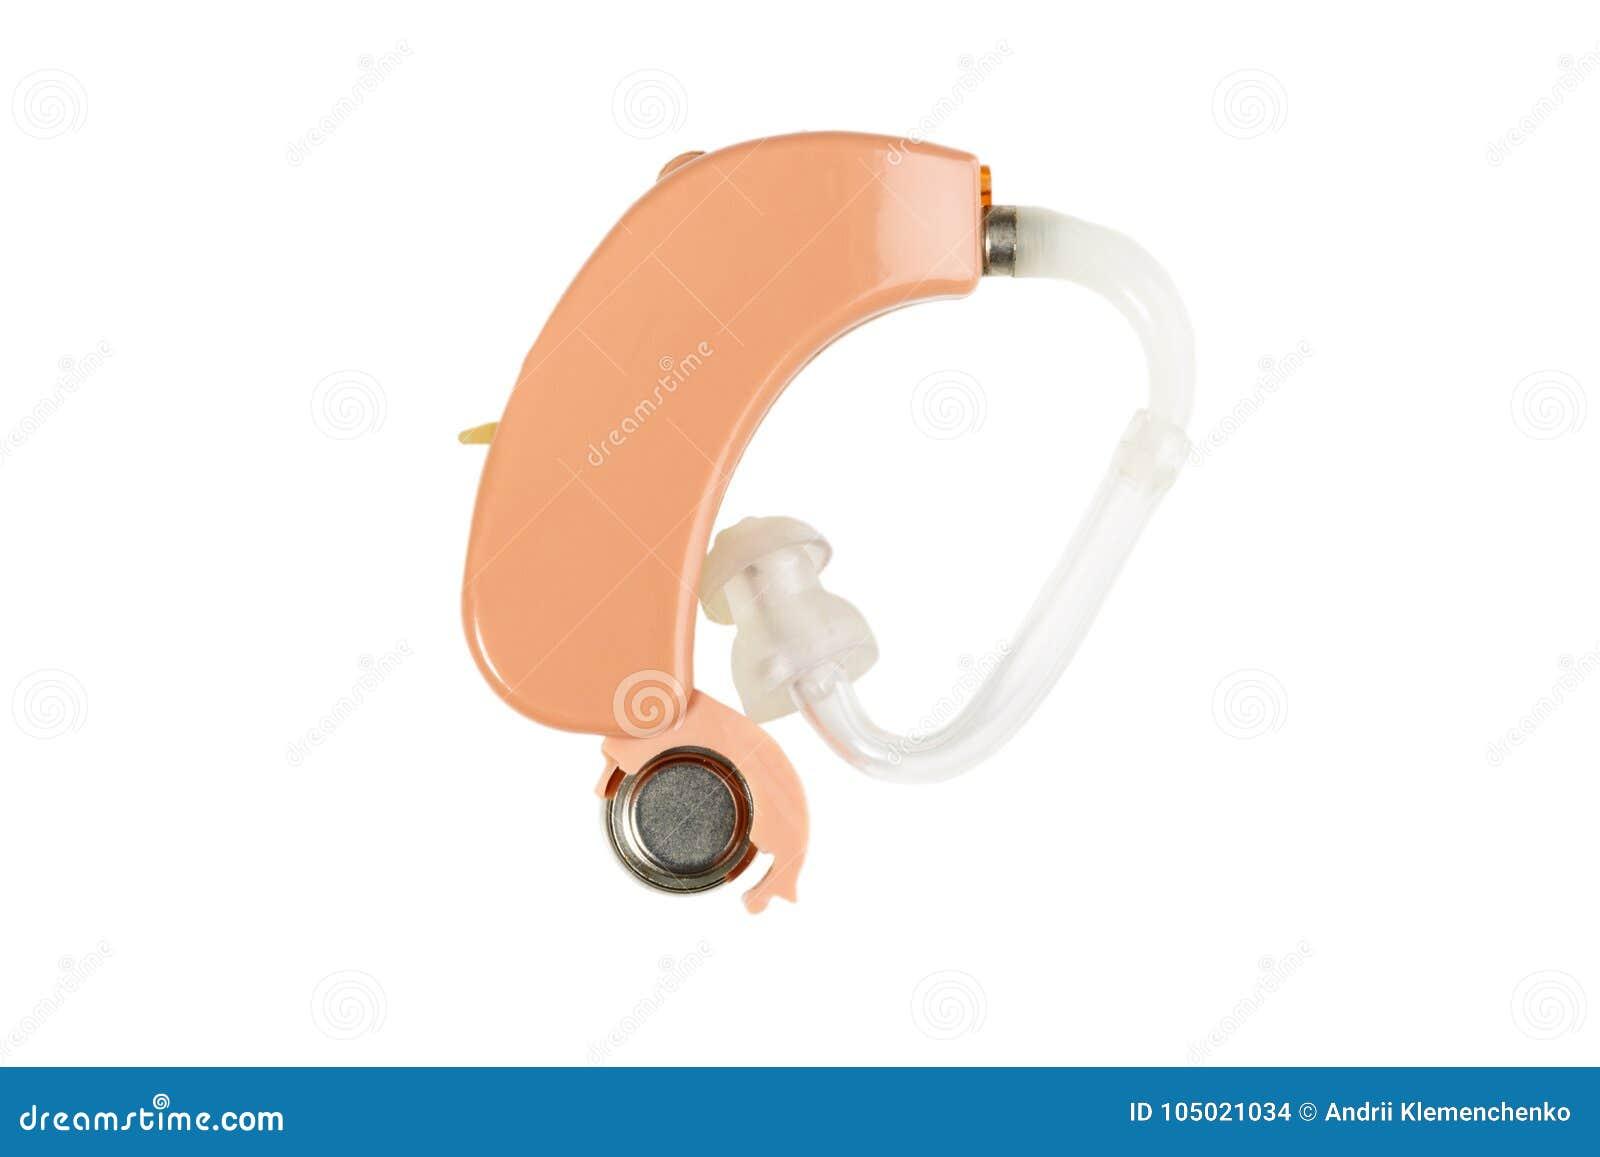 Protesi acustica isolata su fondo bianco, concetto di salute